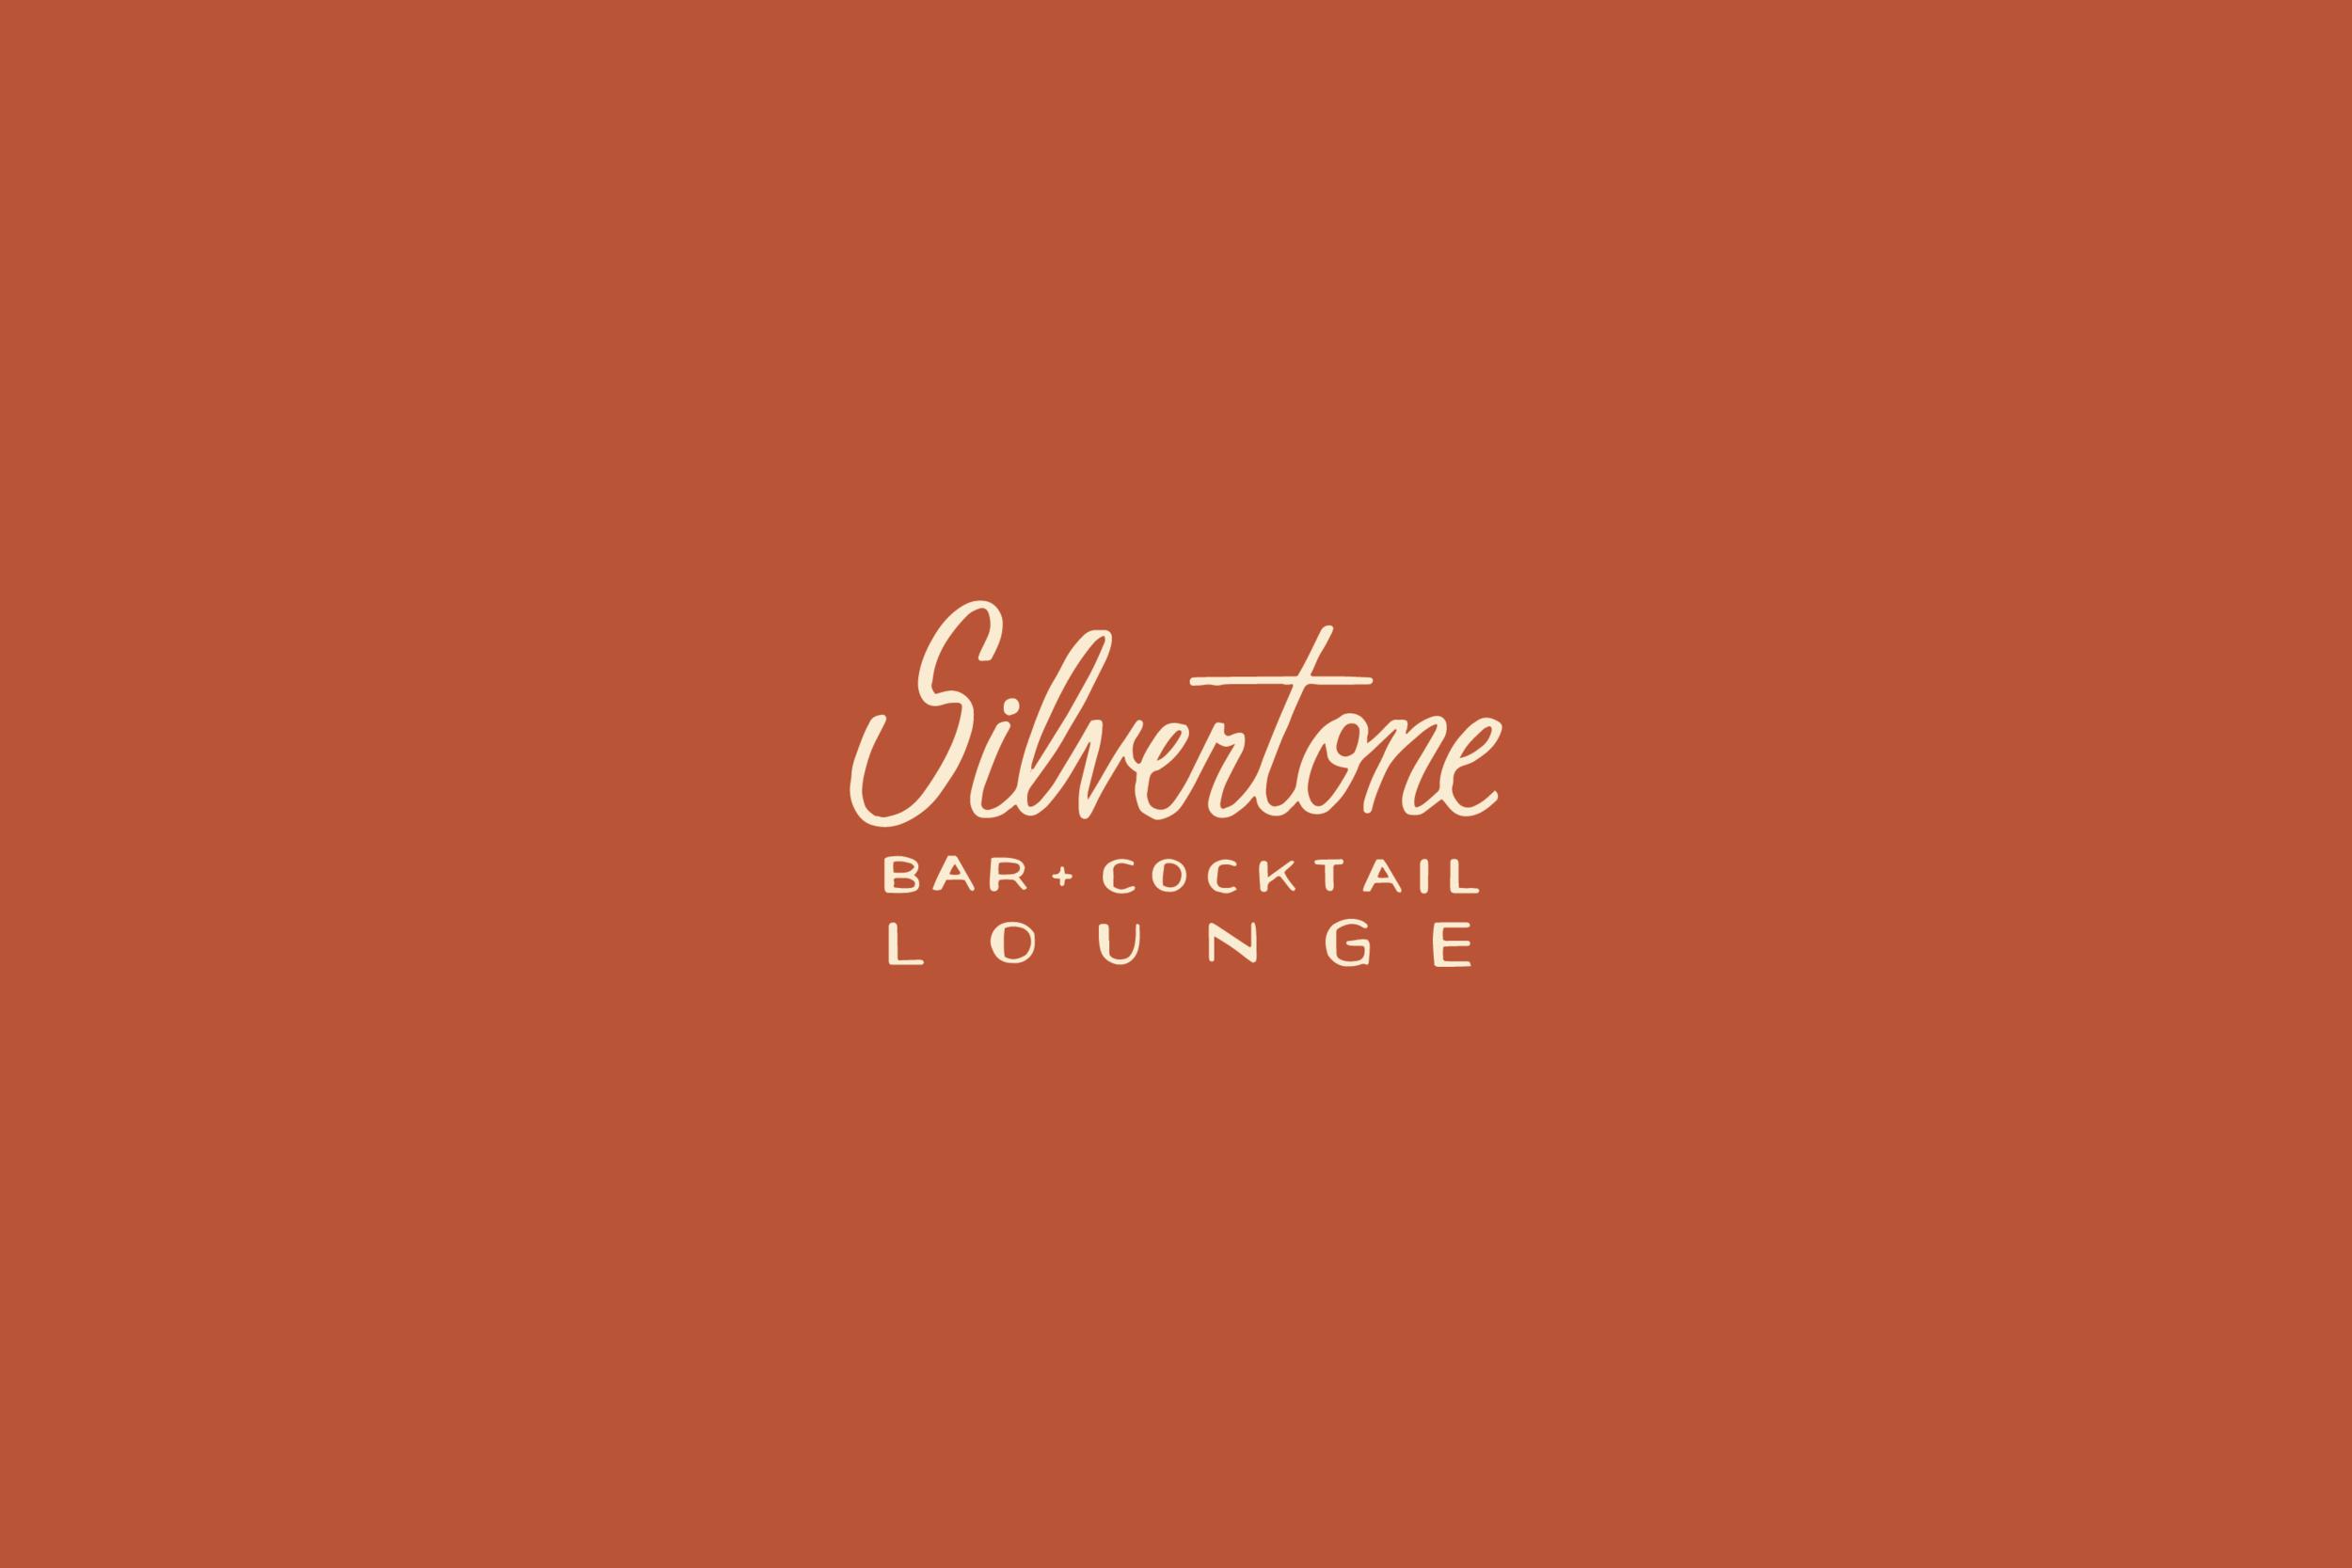 Silvertone Bar Concept | Logo Design